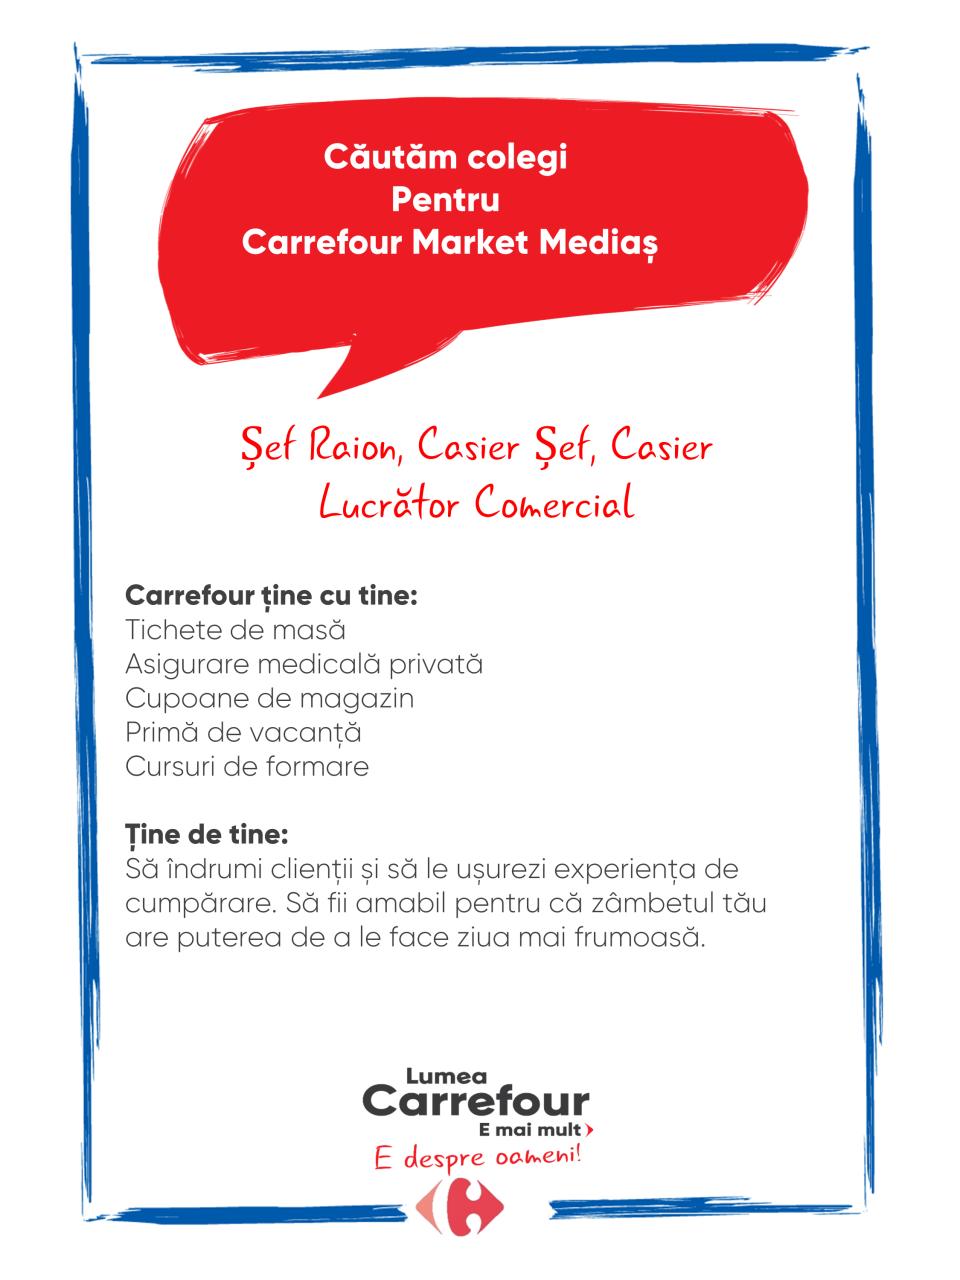 Carrefour ține cu tine: Tichete de masă Asigurare medicală privată Cupoane de magazin Primă de vacanță Cursuri de formare   Ține de tine: Să îndrumi clienții și să le ușurezi experiența de cumpărare. Să fii amabil pentru că zâmbetul tău are puterea de a le face ziua mai frumoasă.  Carrefour ține cu tine: Tichete de masă Asigurare medicală privată Cupoane de magazin Primă de vacanță Cursuri de formare   Ține de tine: Să îndrumi clienții și să le ușurezi experiența de cumpărare. Să fii amabil pentru că zâmbetul tău are puterea de a le face ziua mai frumoasă.   casier, lucrator comercia manipulant marfa coordonator raion sef raion manager raion responsabil casa de marcat vanzator Lumea Carrefour e mai mult. E despre oameni!Lumea noastră? E despre prietenia fără vârstă și bucuria de a fi buni în ceea ce facem. Despre diversitatea meseriilor, dar mai ales despre diversitatea membrilor unei mari familii. Despre emoția primului job și satisfacția pe care o avem când suntem de ajutor.Fiecare dintre noi avem trăsături care ne fac să fim unici și valoroși. Suntem diferiți și în același timp suntem la fel ca toți românii: vrem să fim liberi, să alegem, să ne exprimăm punctul de vedere, să ne simțim bine.